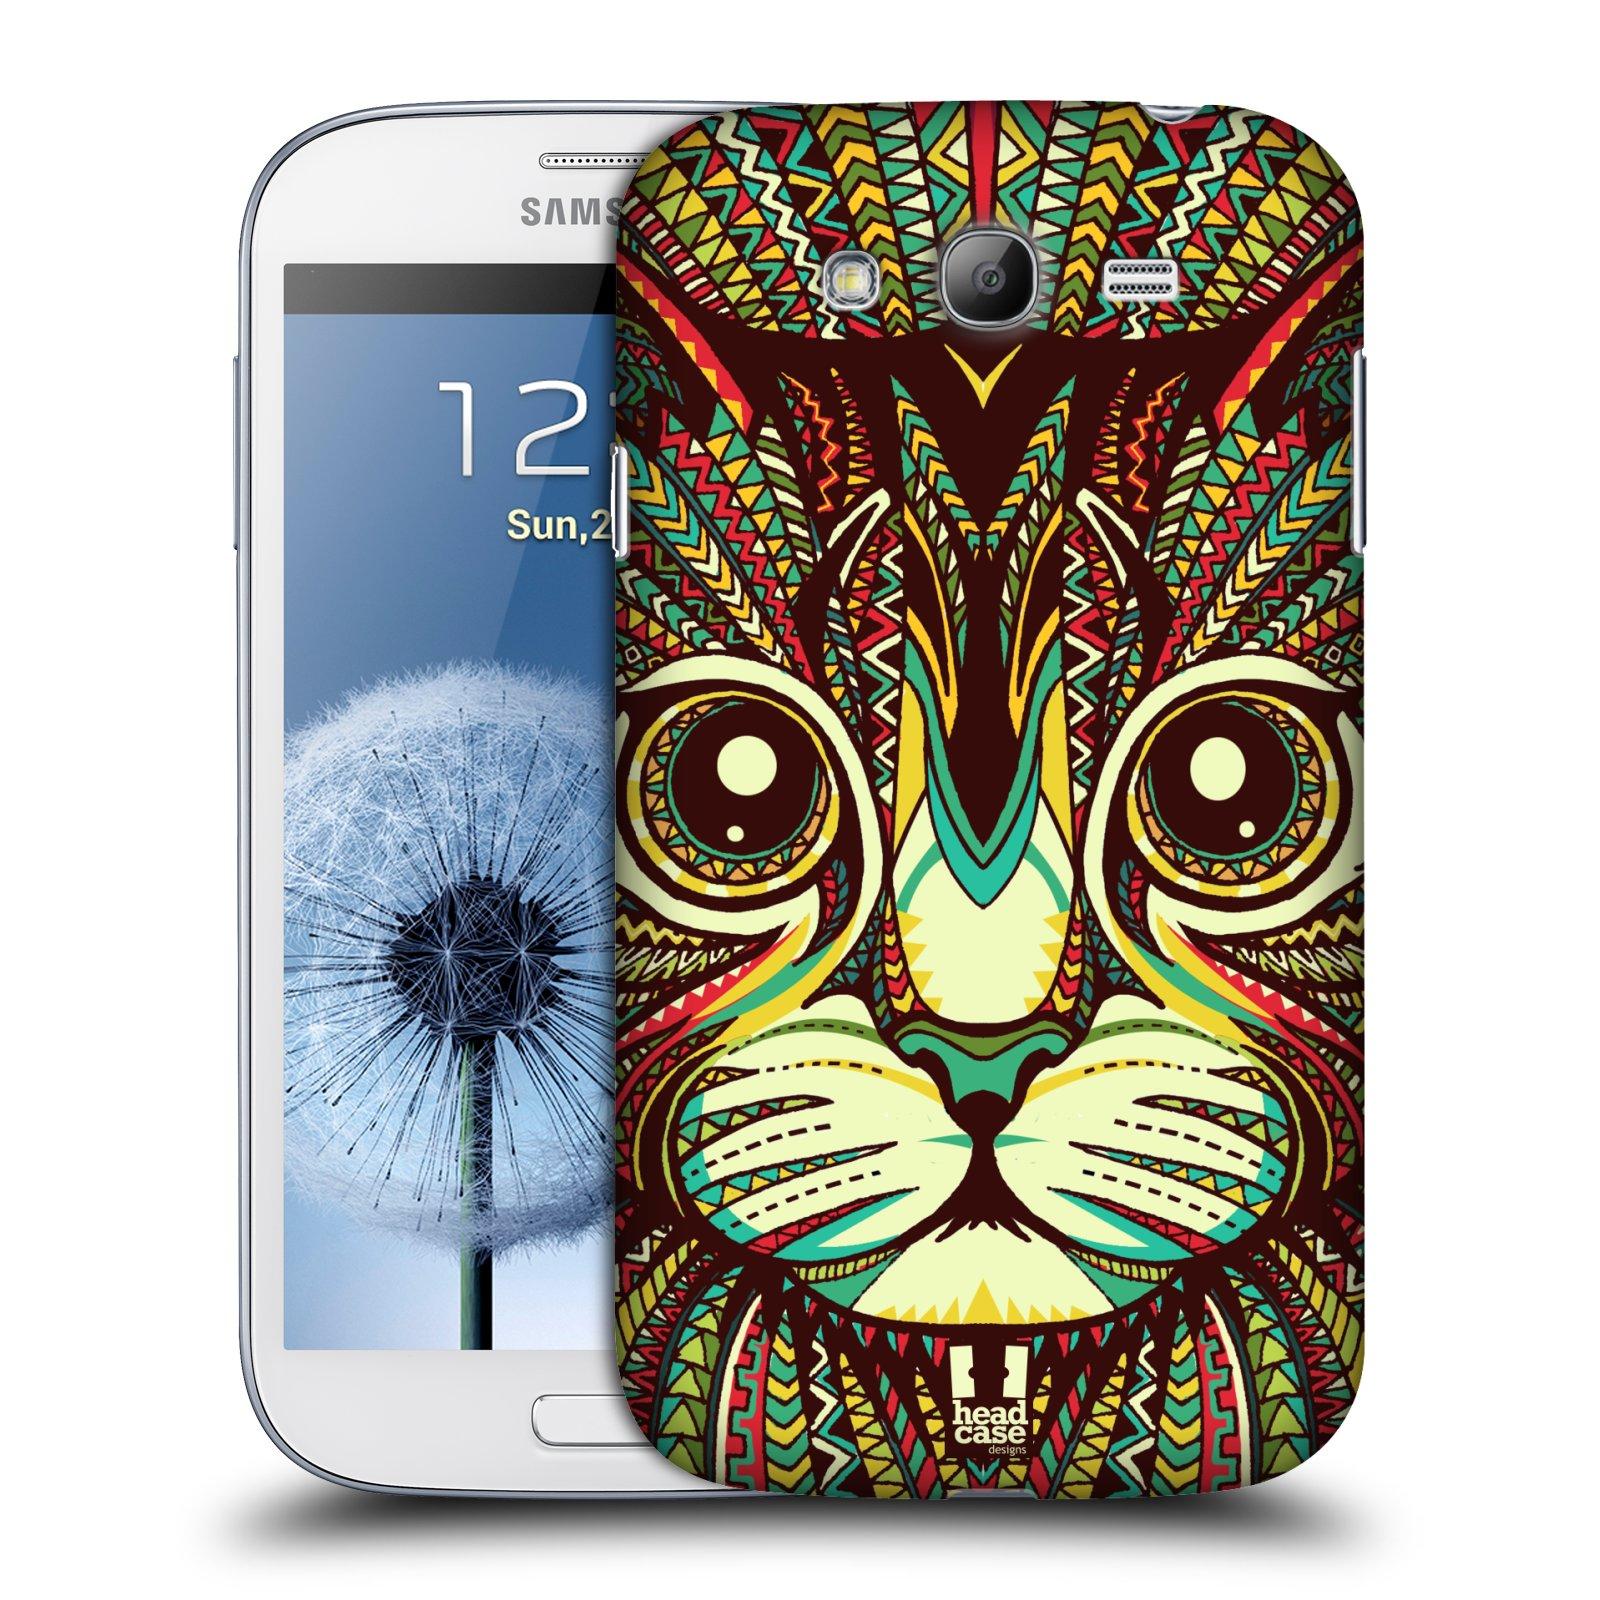 HEAD CASE plastový obal na mobil SAMSUNG GALAXY Grand i9080 vzor Aztécký motiv zvíře 2 kotě